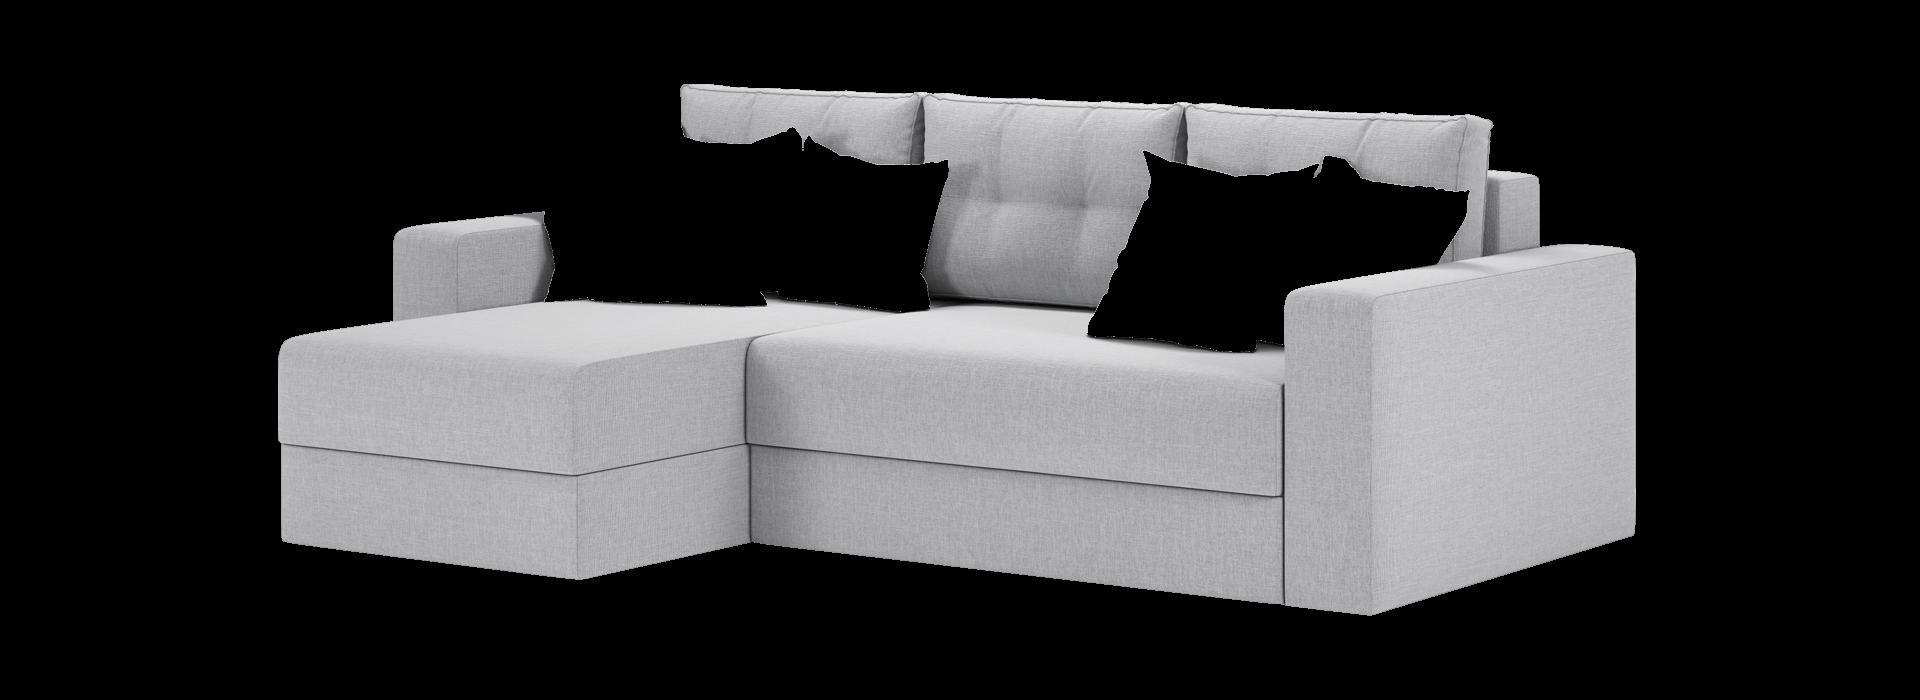 Рут % кутовий диван - маска 2